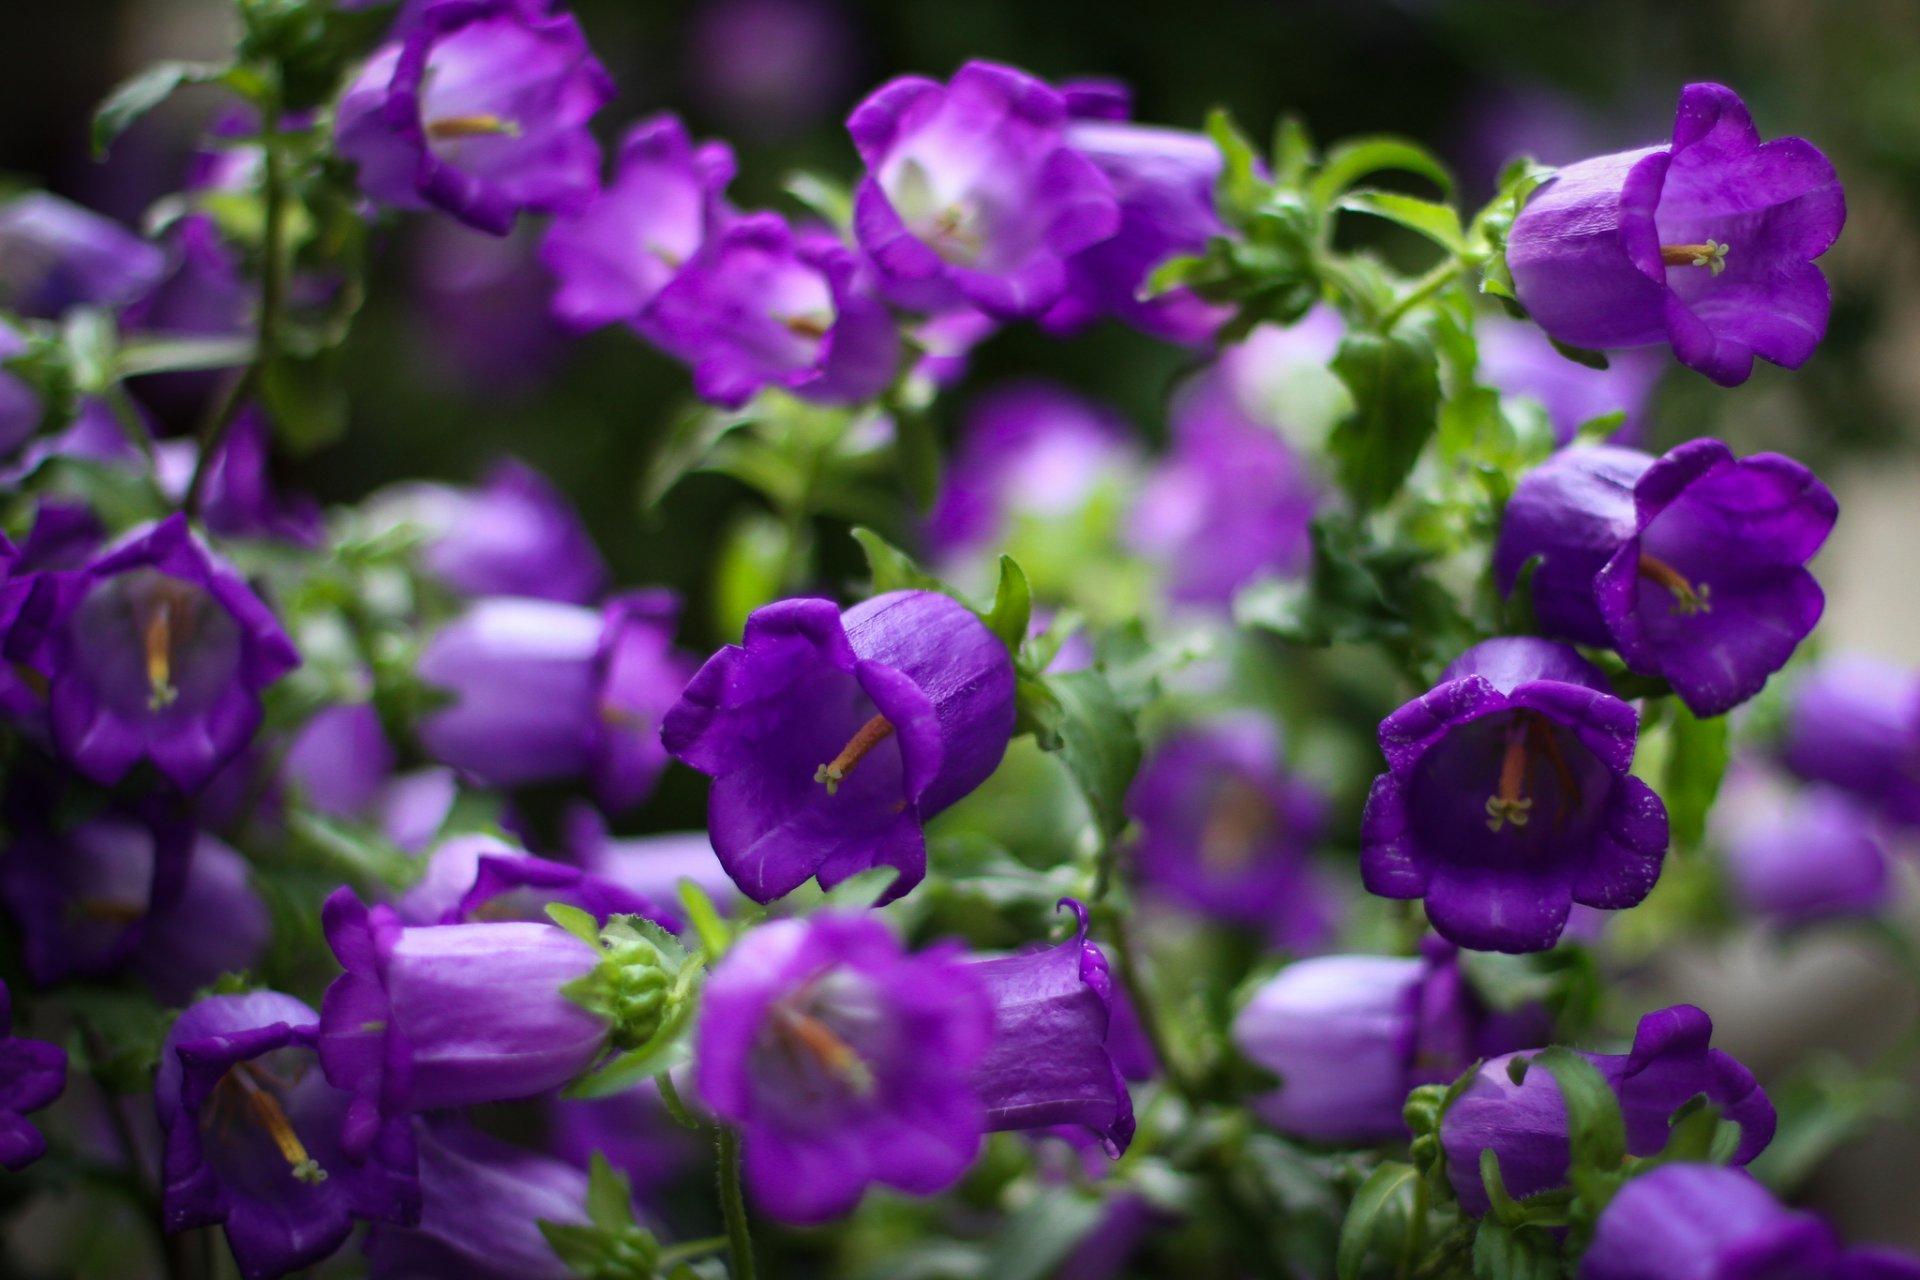 Фото картинки с цветами колокольчиков